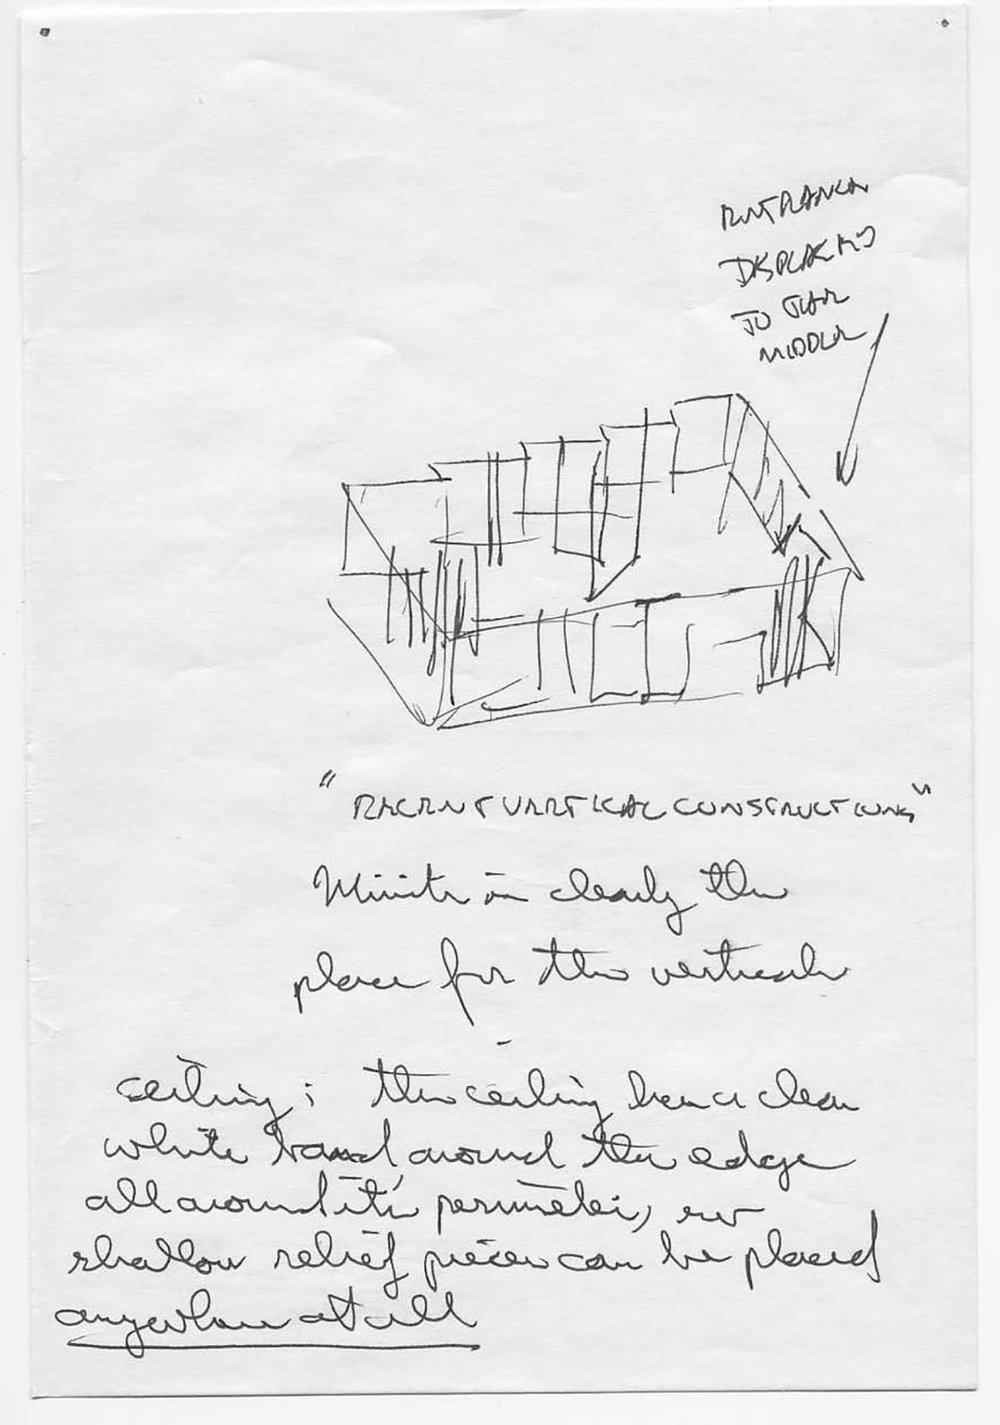 Westfälischer Kunstverein, Munster, exhibition sketch